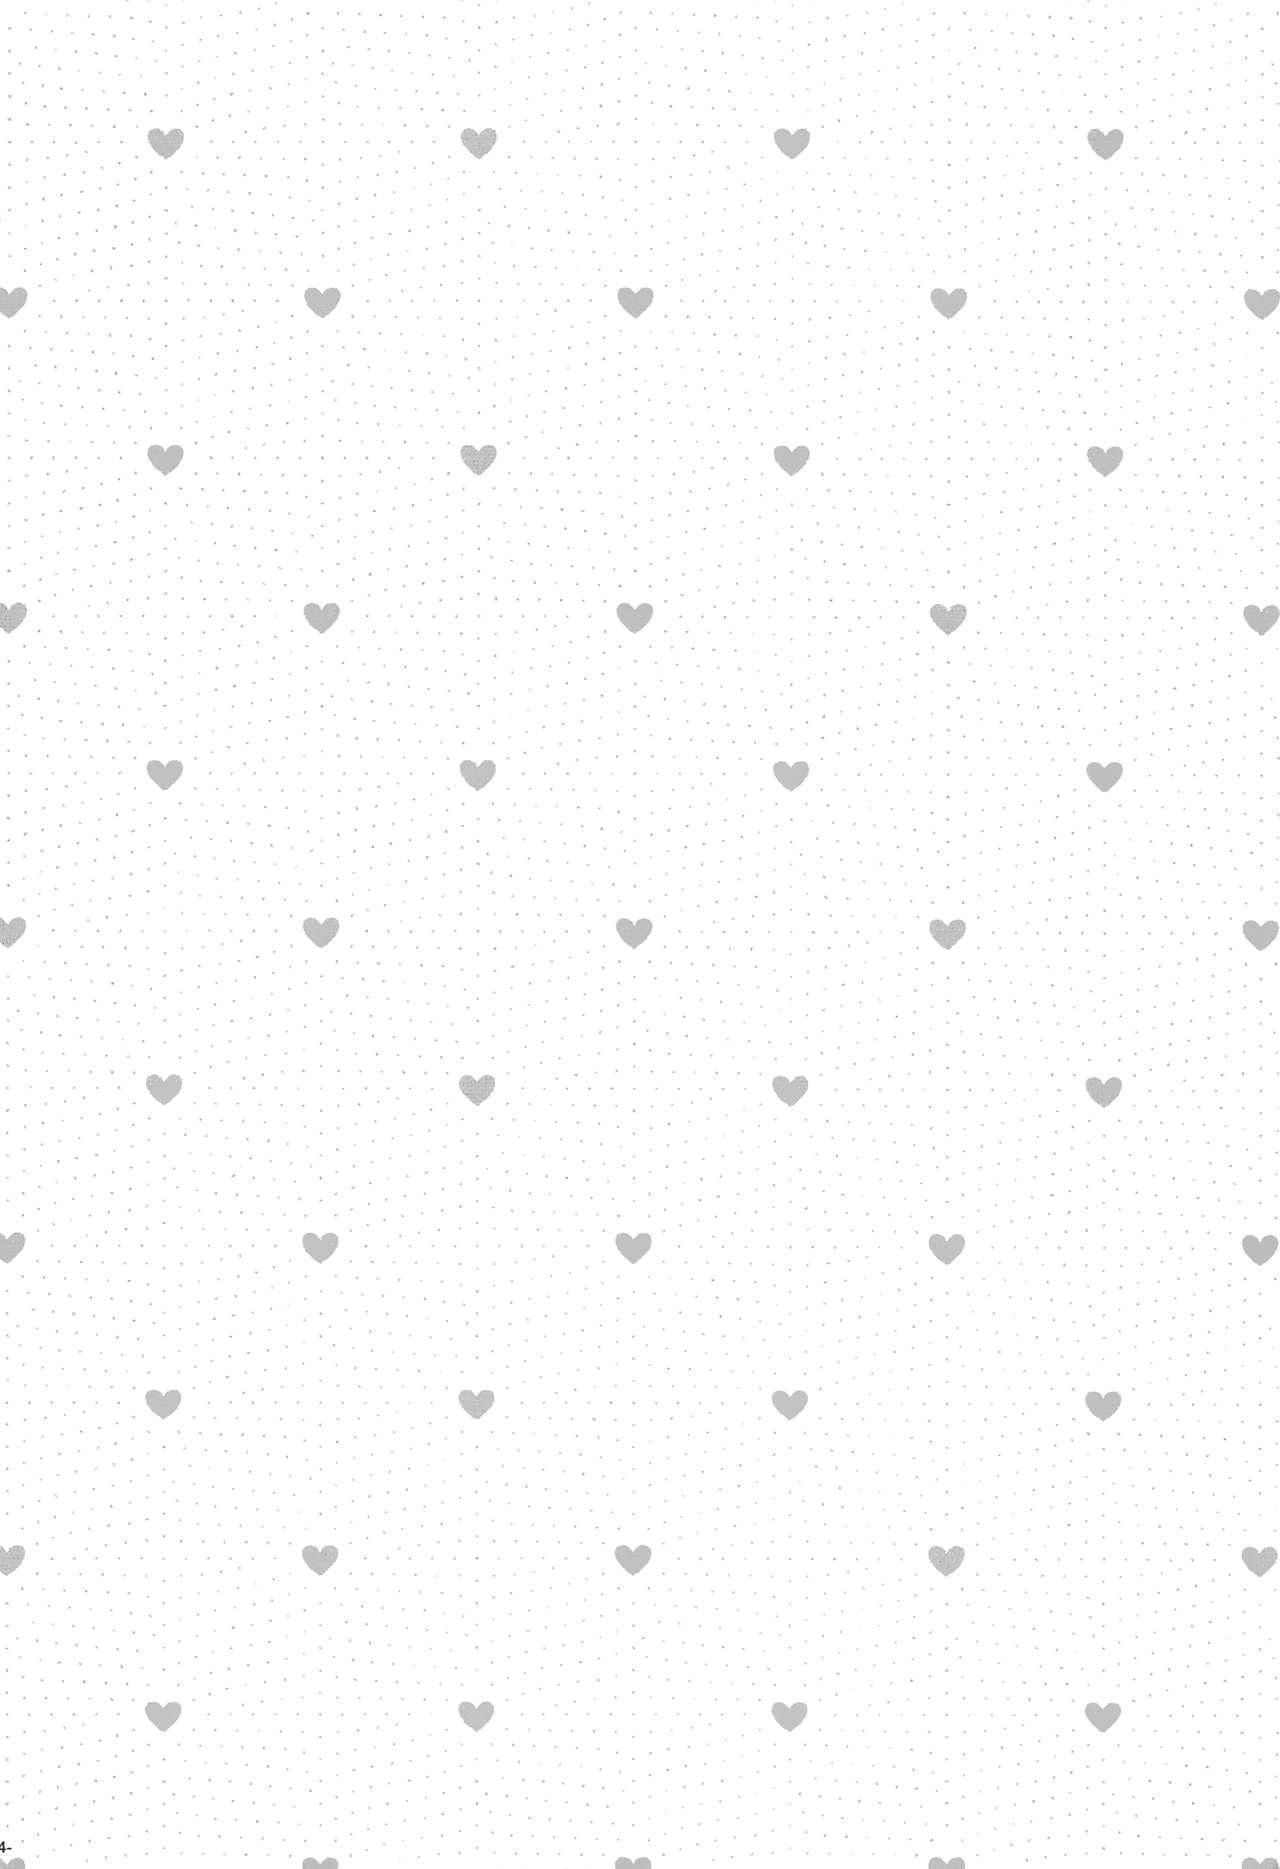 Suki tte Omottara, Ippai Heart ga Dechau. 2